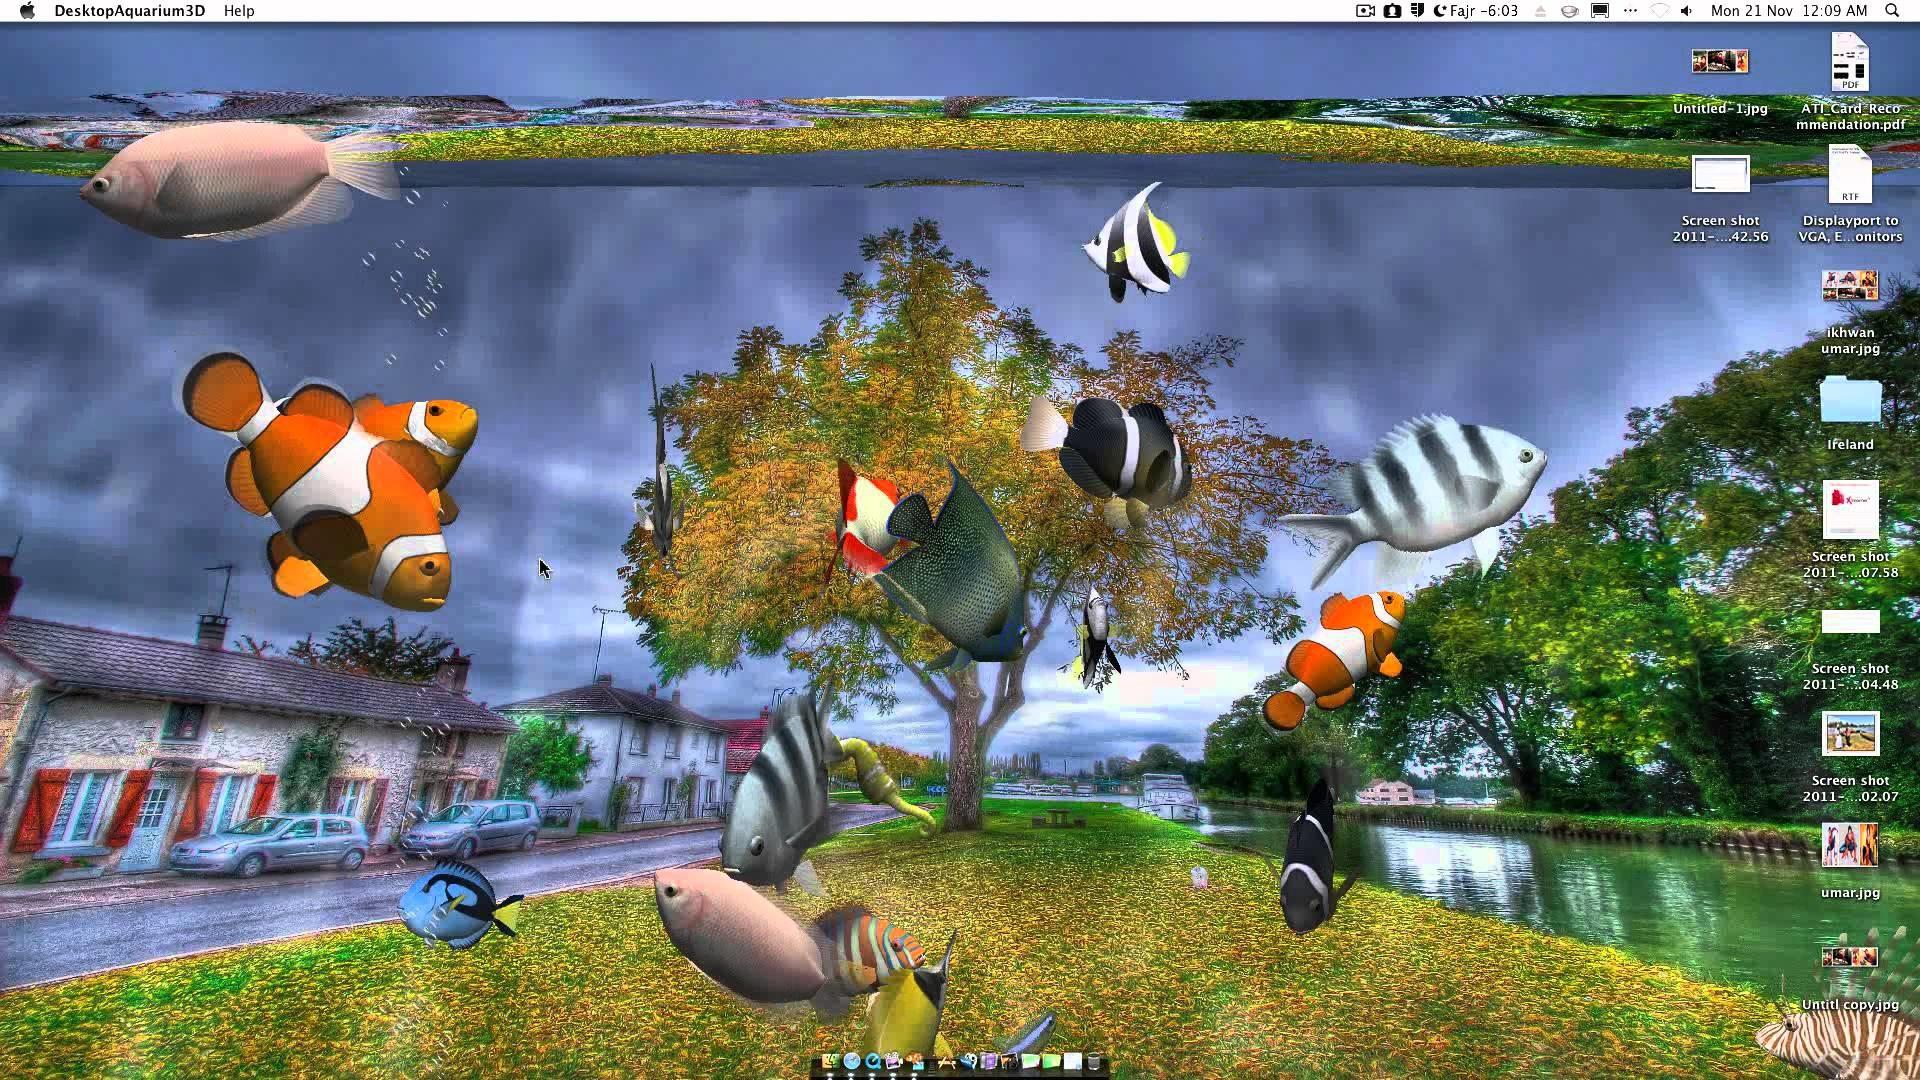 1920x1080 live wallpaper: Live HD Wallpaper 1920x1080 (46+ Images